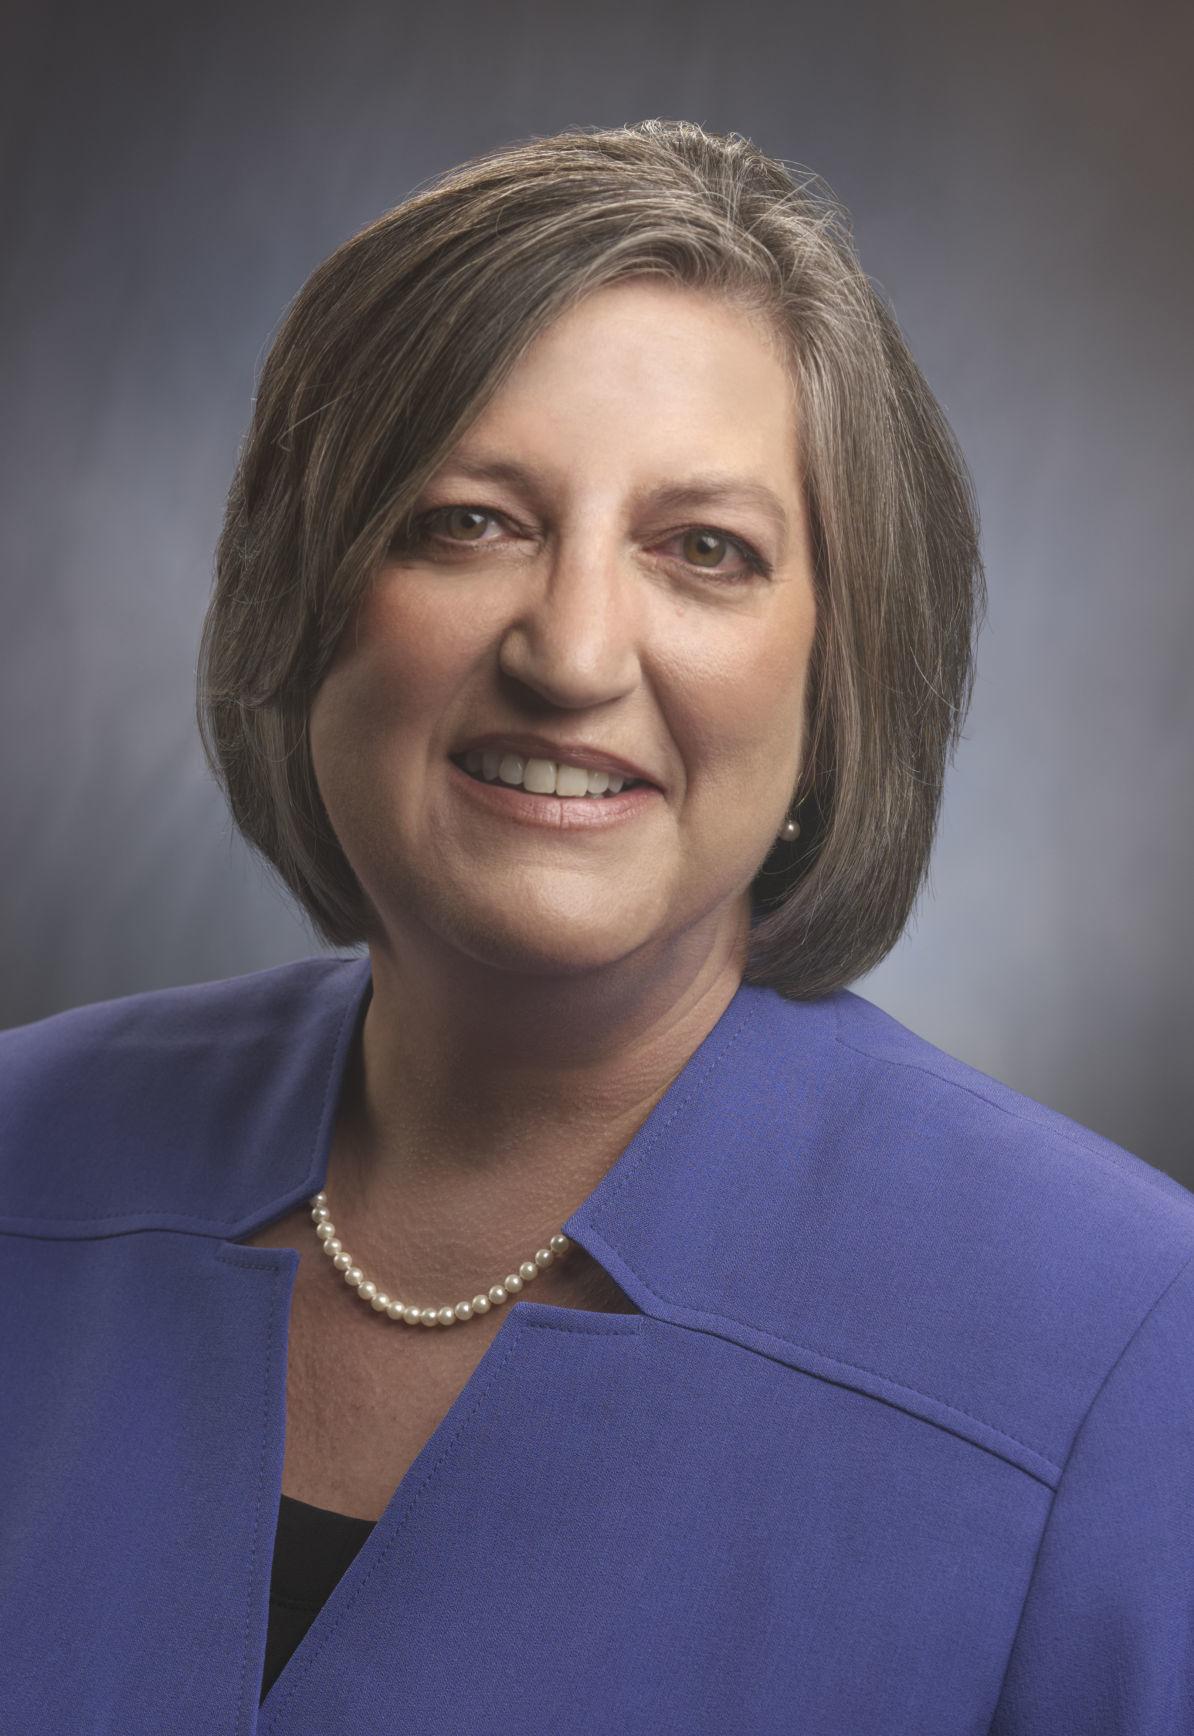 Kathi Cozzone